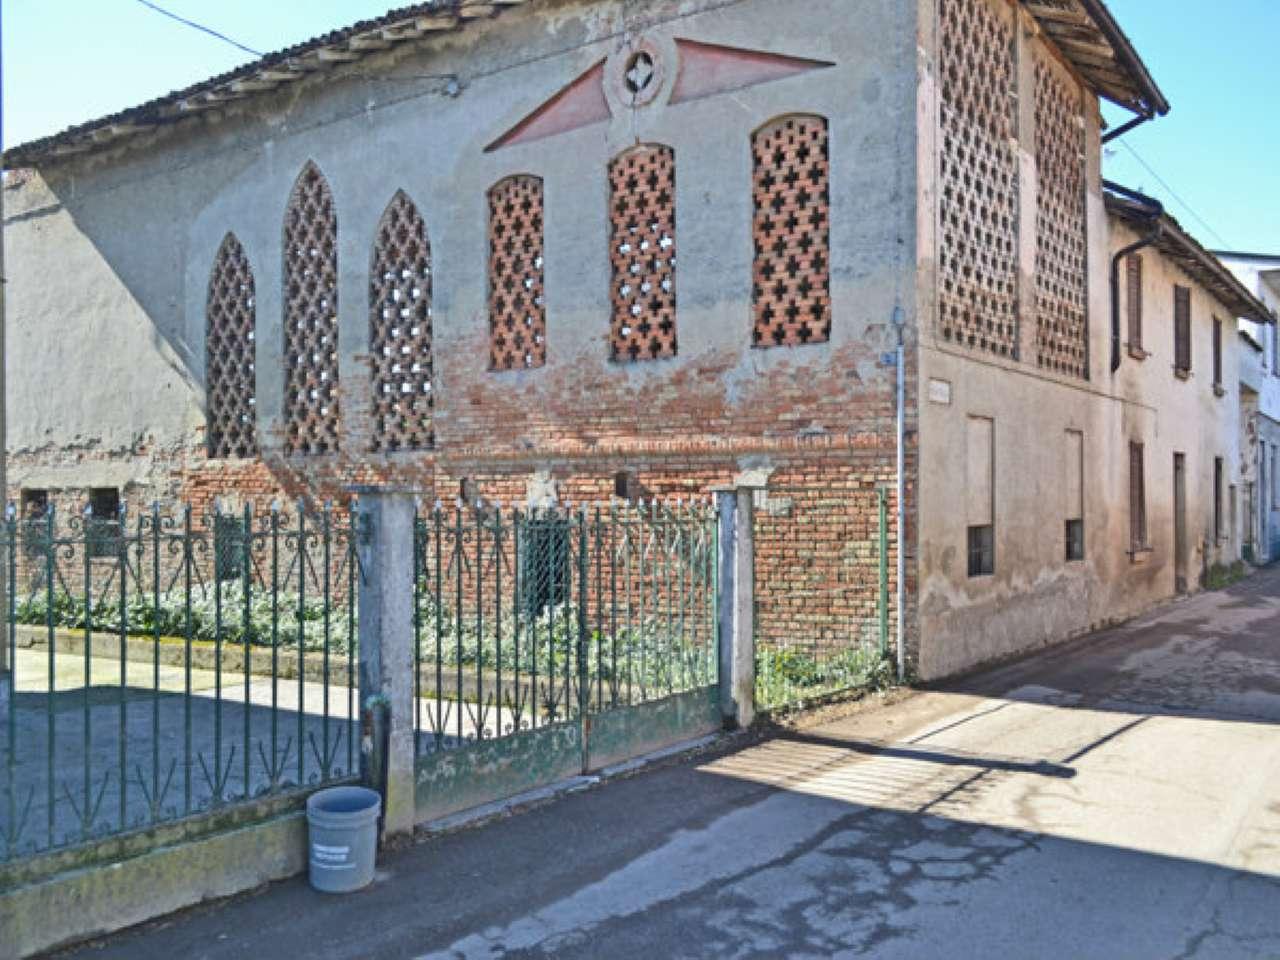 Rustico / Casale in vendita a Dovera, 9999 locali, prezzo € 160.000 | Cambio Casa.it